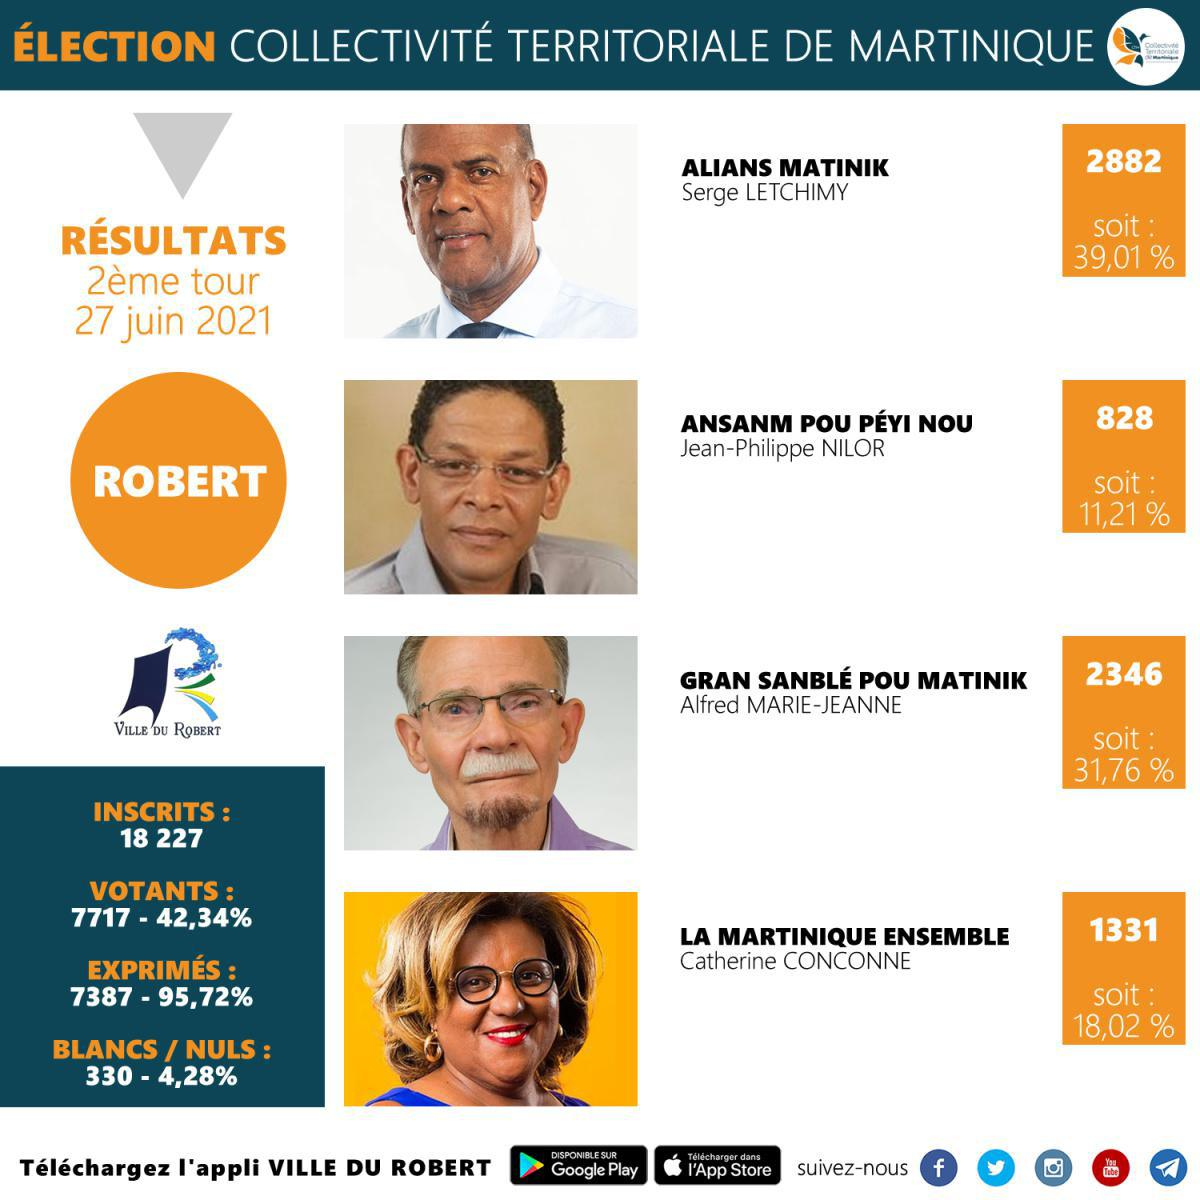 RESULTATS DU 2EME TOUR DE L'ELECTION DE LA COLLECTIVITE TERRITORIALE DE MARTINIQUE